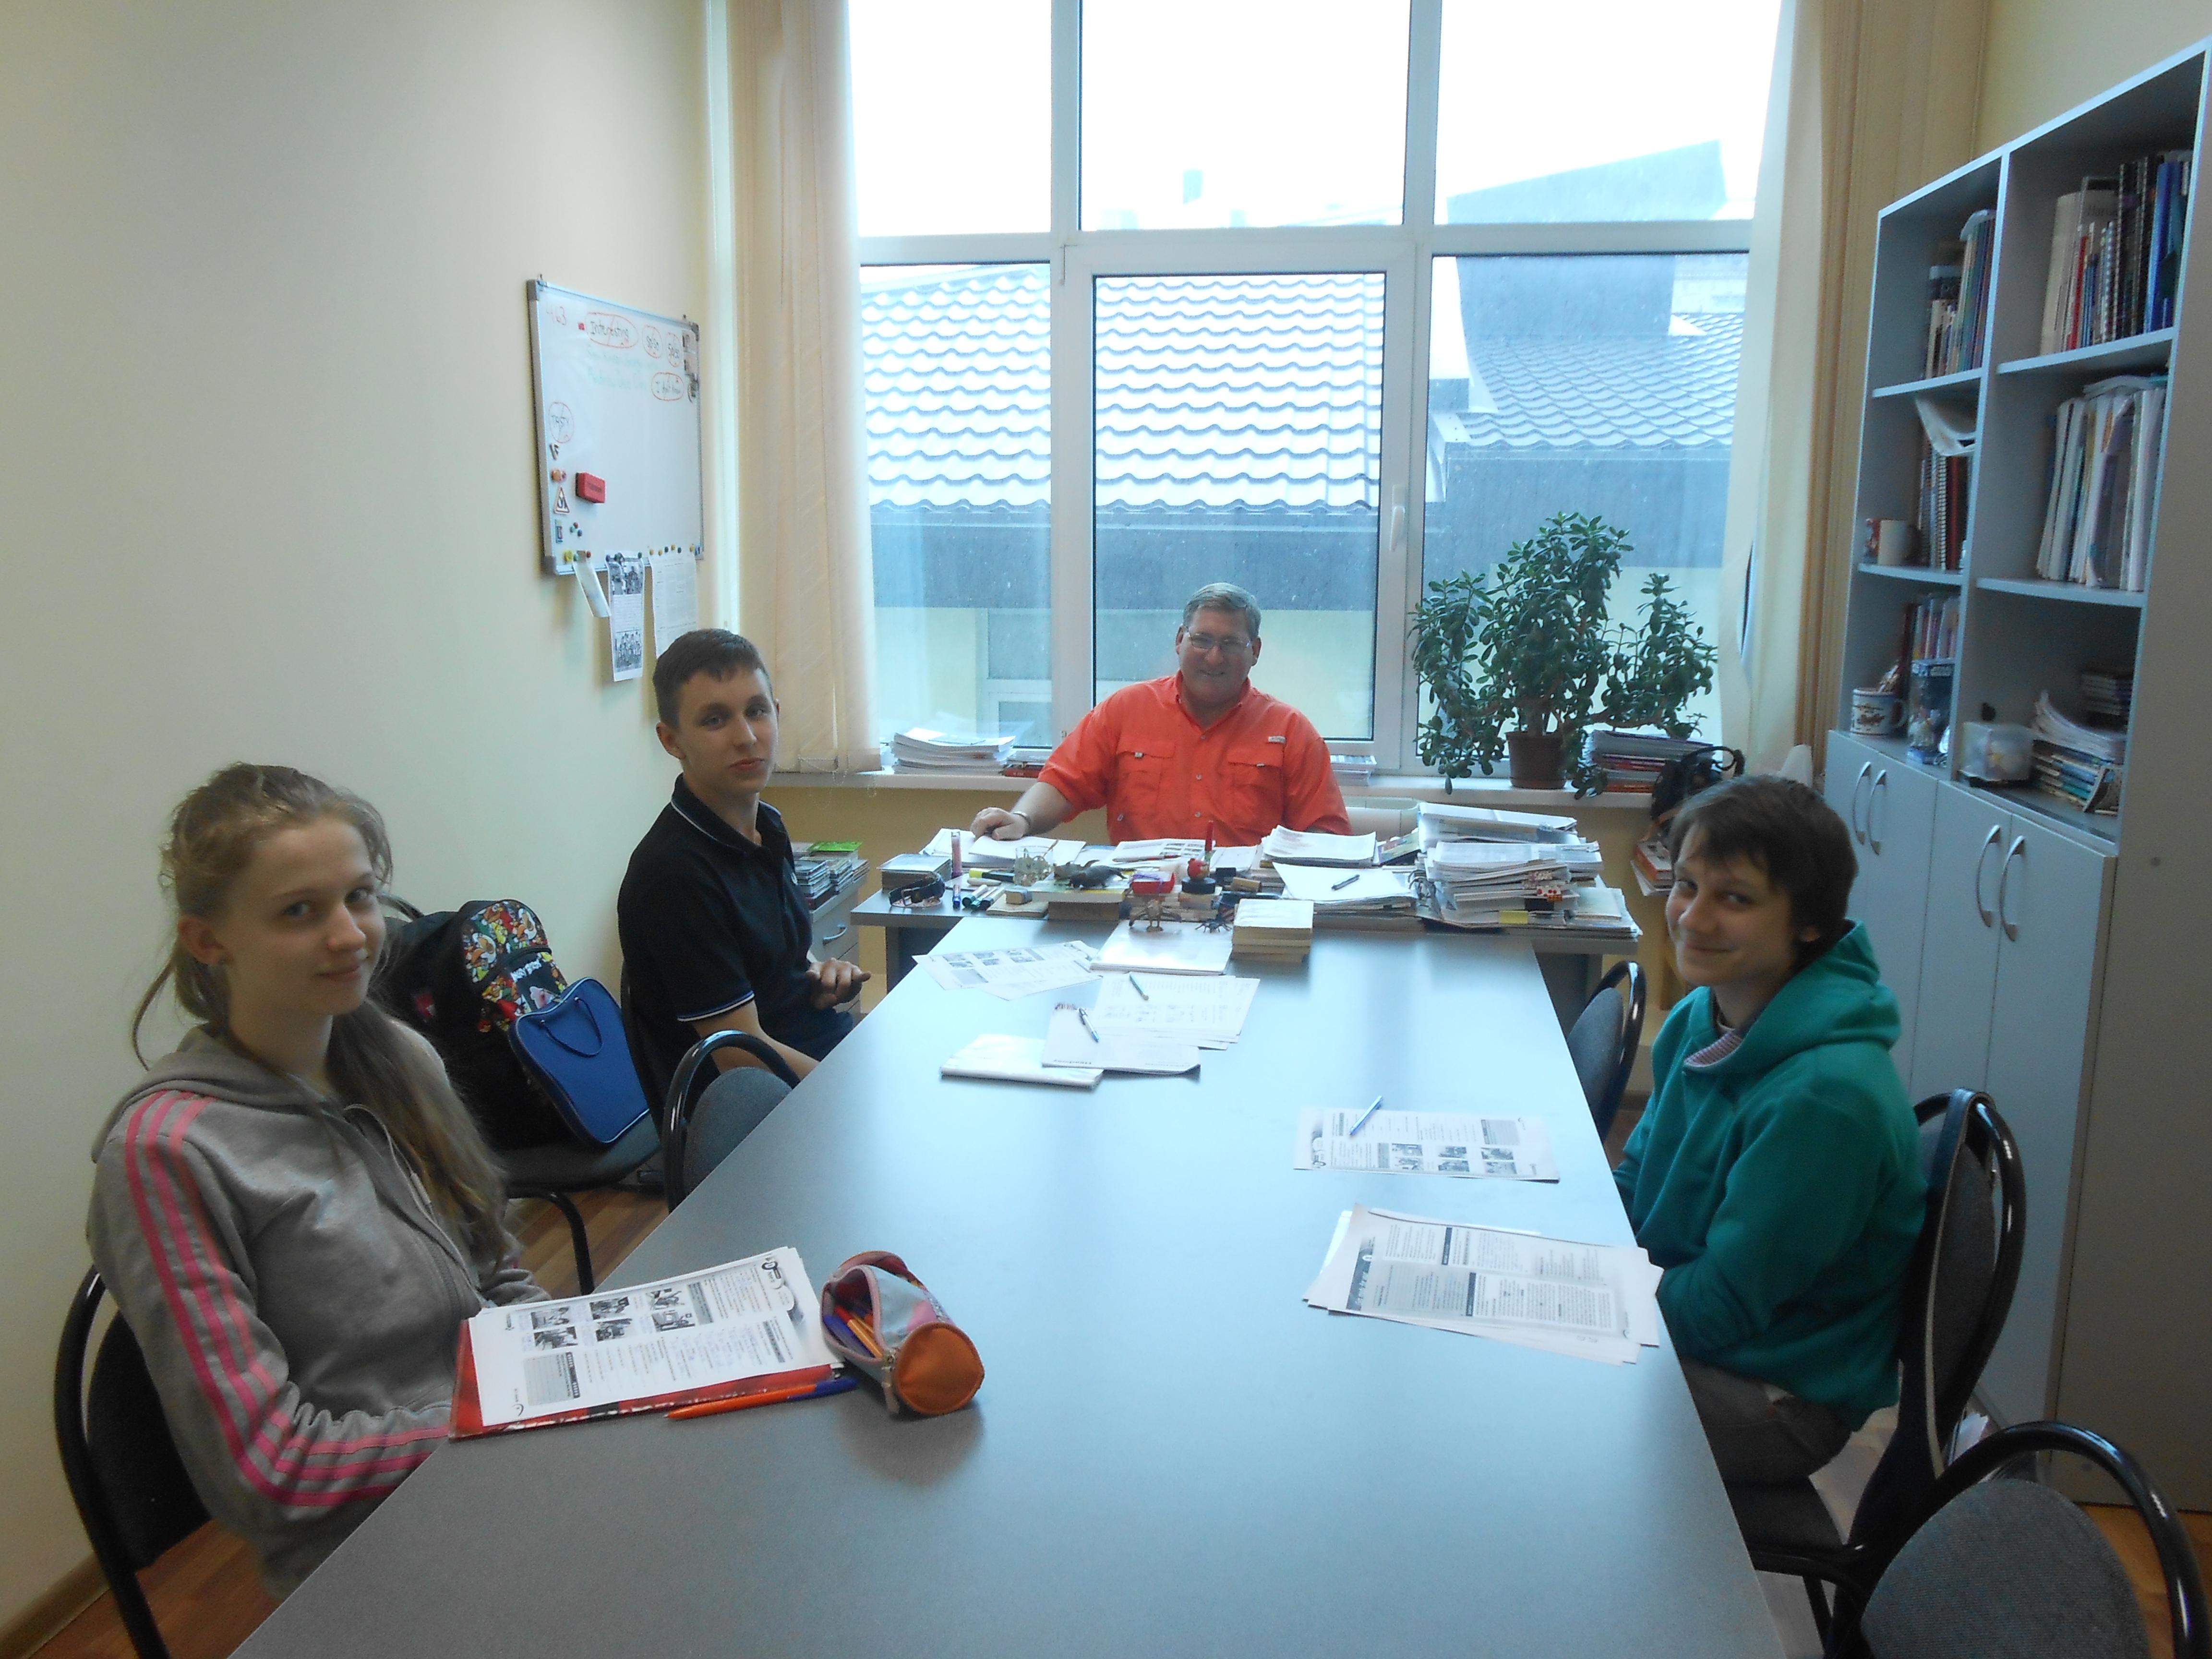 Обучение английскому языку в Ростове-на-Дону фото (10)